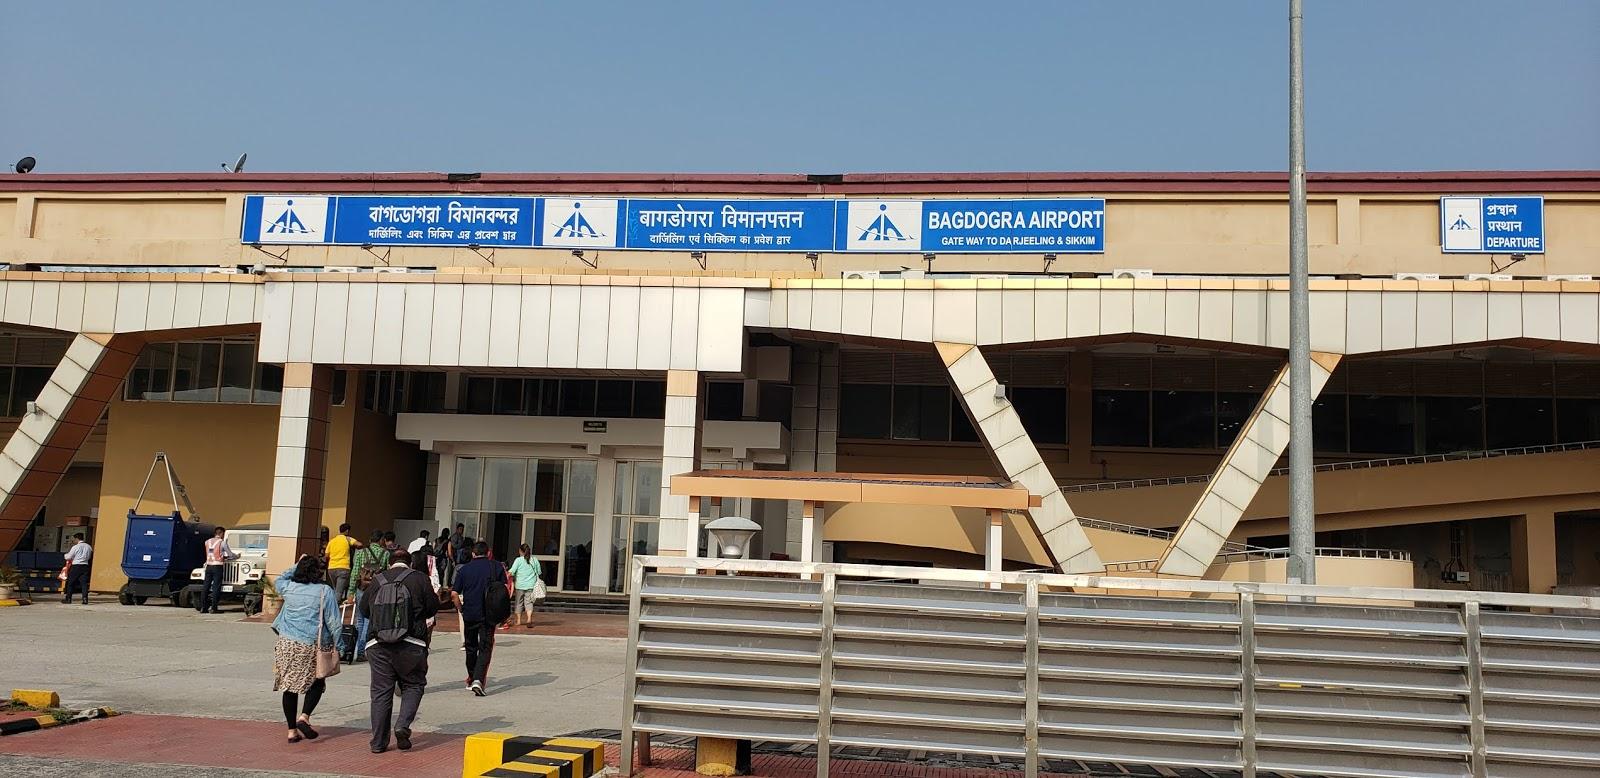 बागडोगरा एयरपोर्ट सुबह में